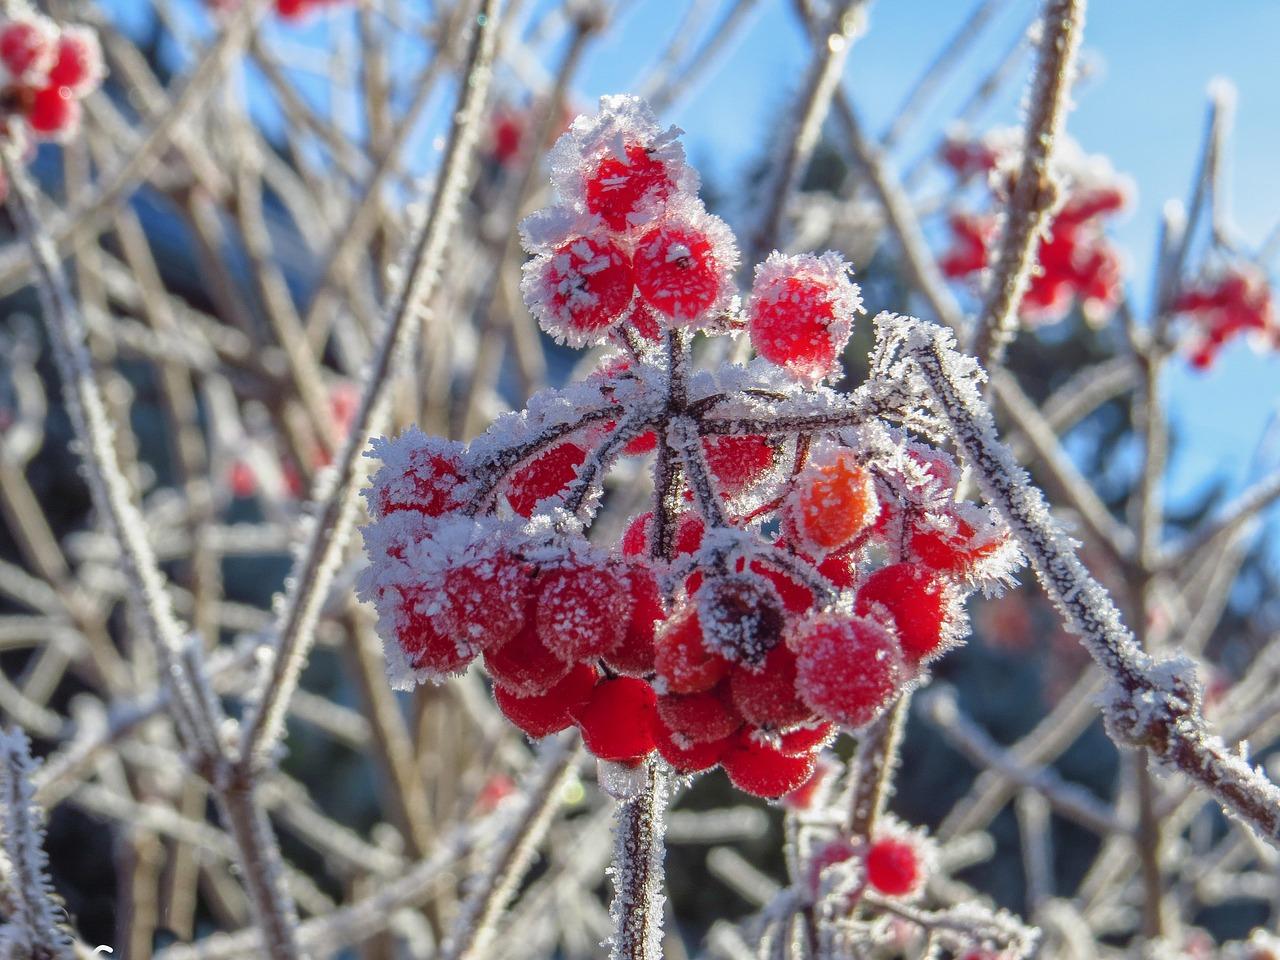 Заморозки ожидаются в районах Якутии в ночь на 31 августа